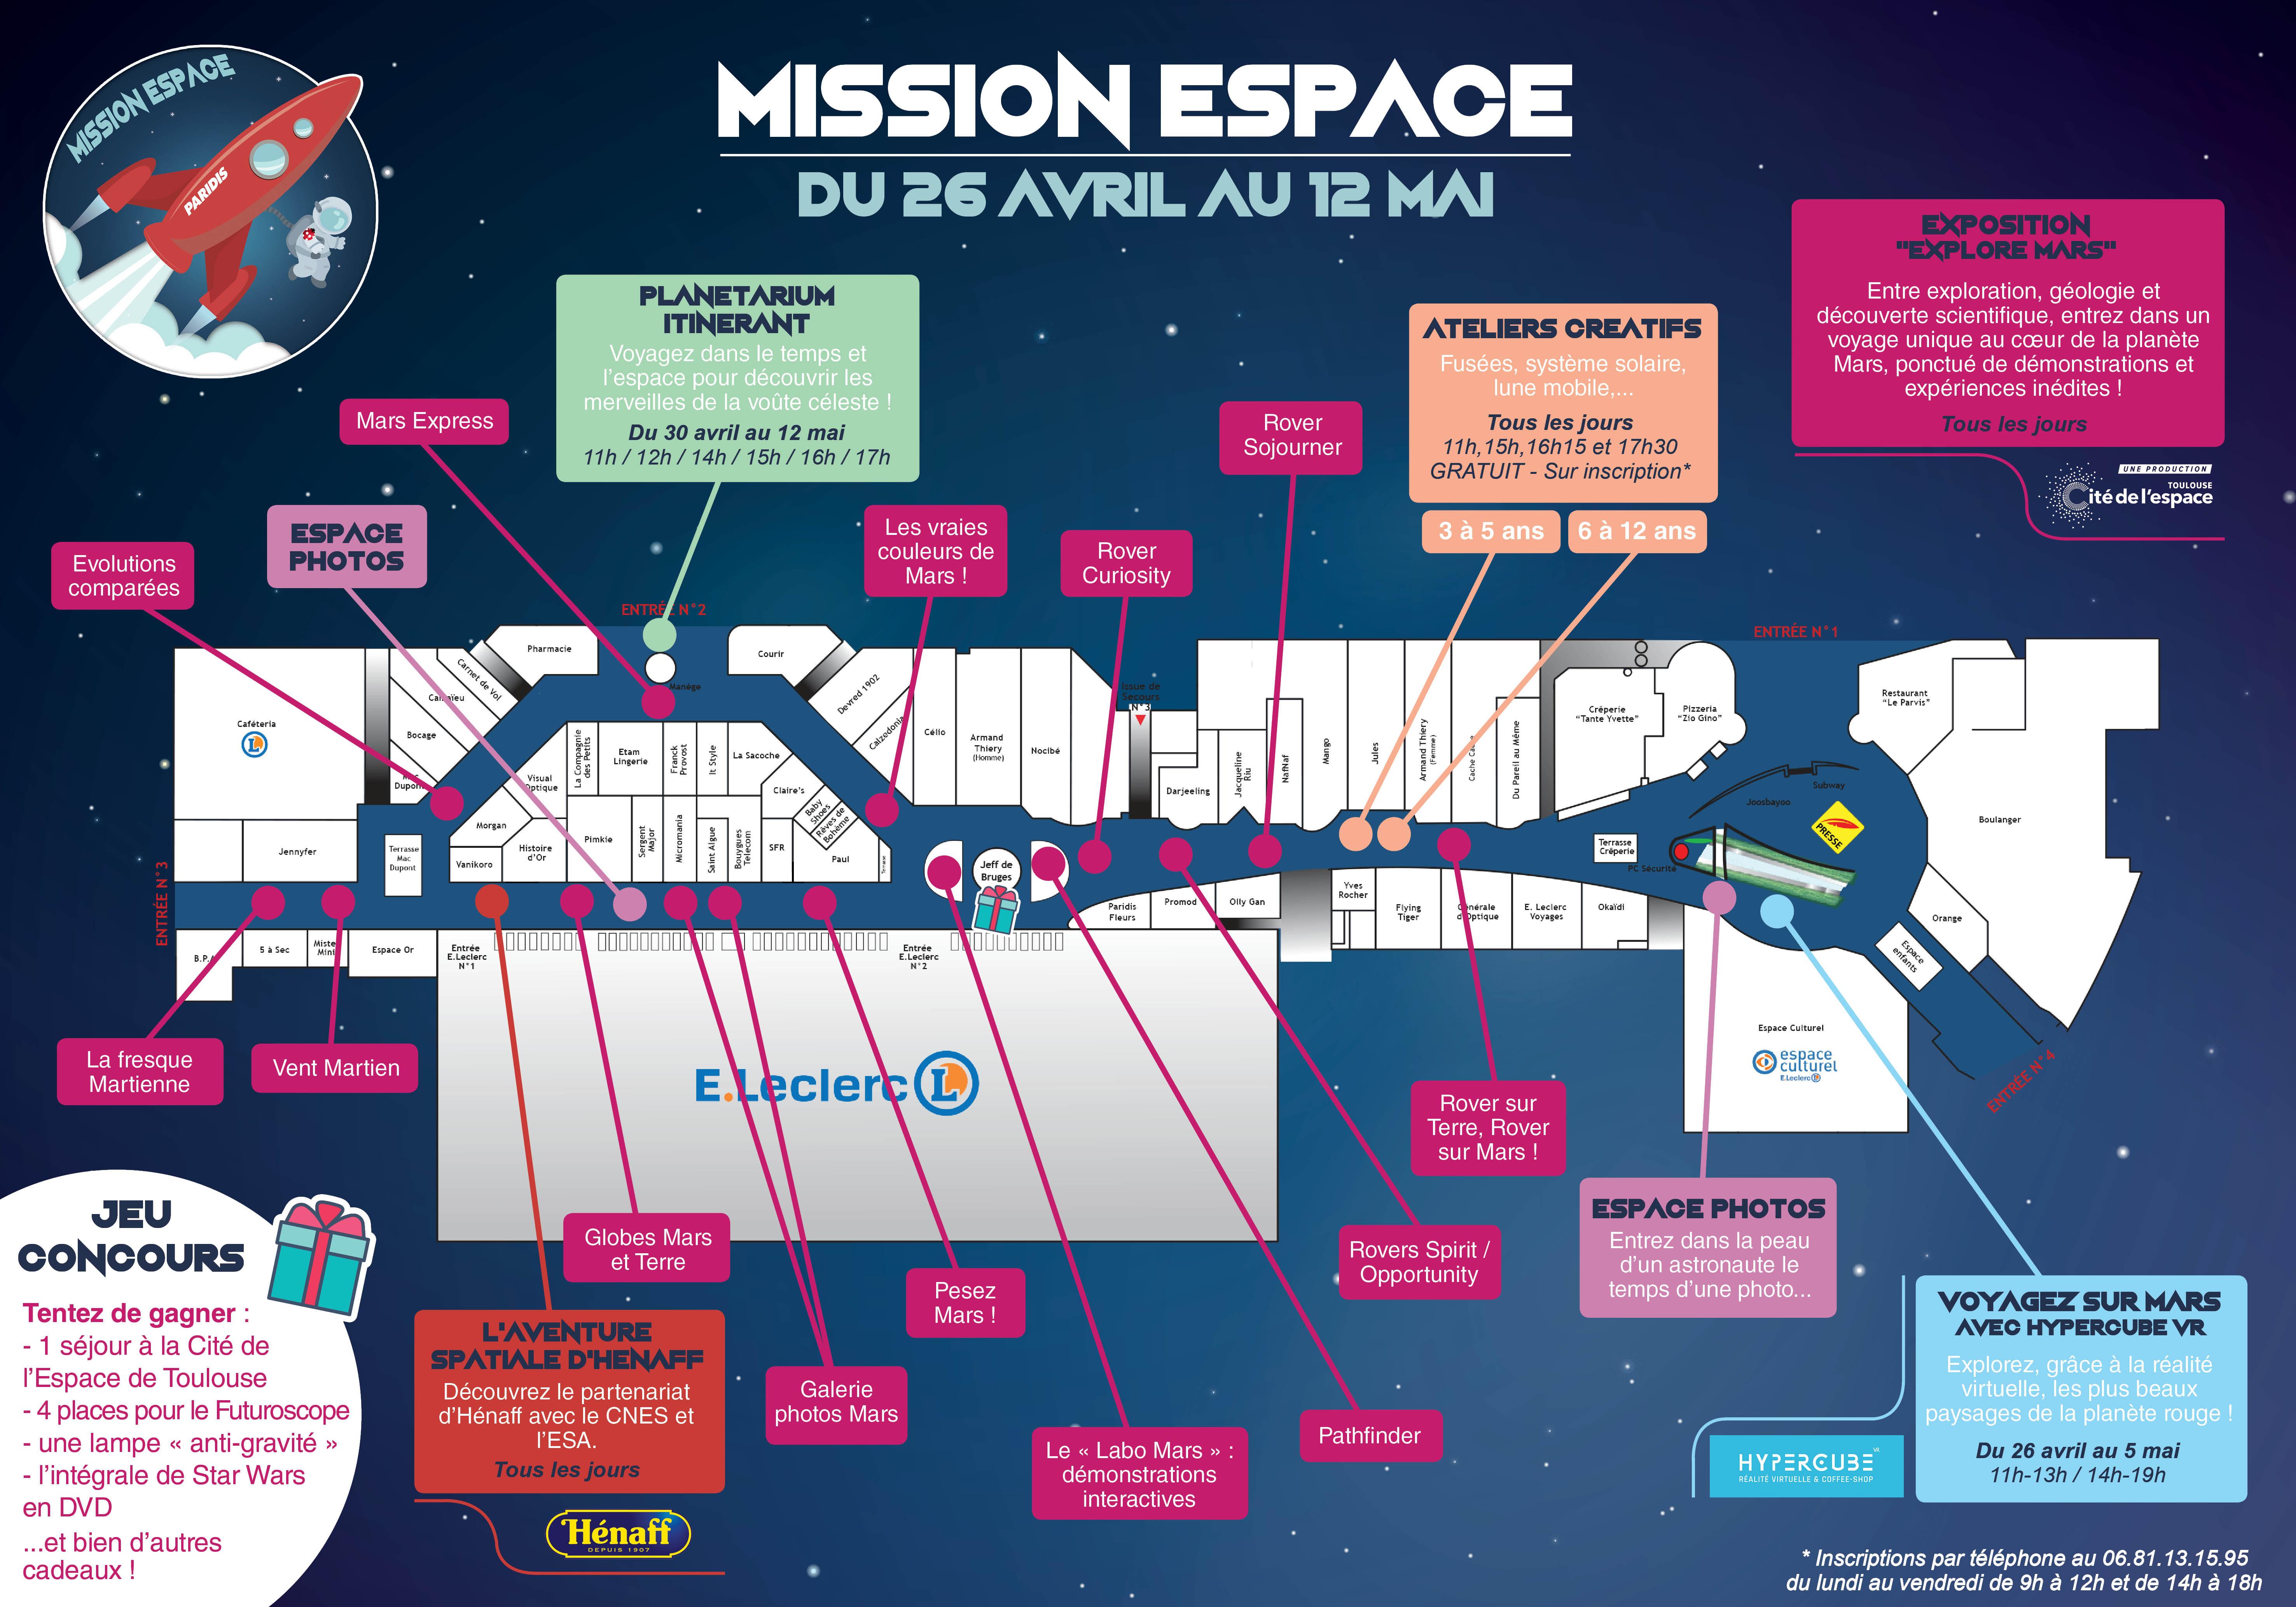 programme général - mission espace